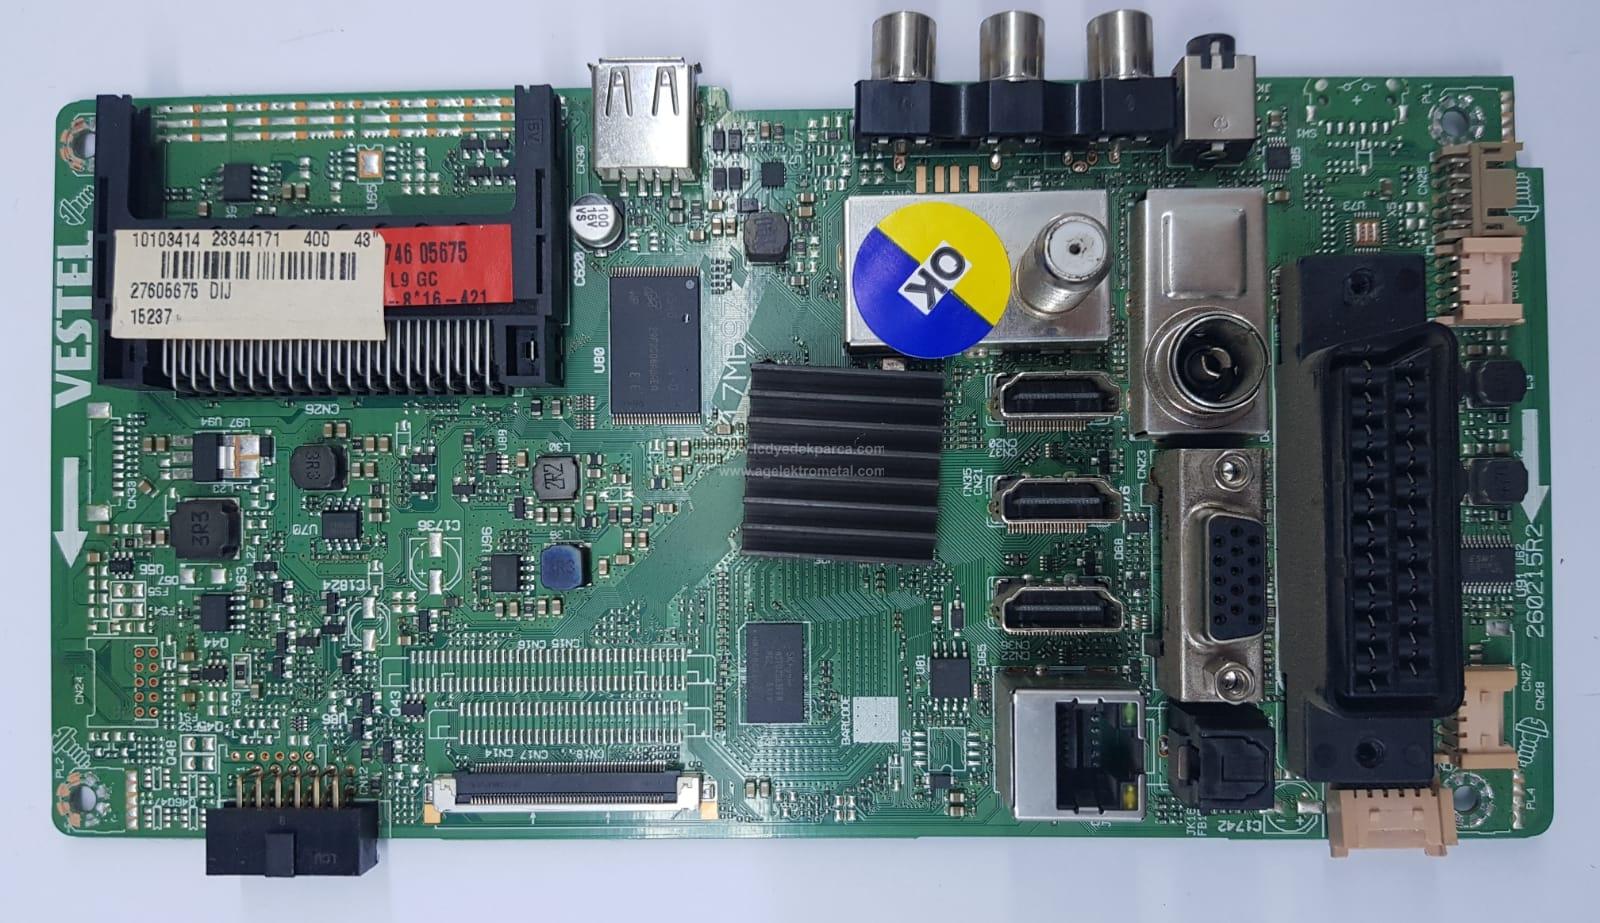 17MB97 , 23344171 , 10103414 , VES430UNEL-2D-U01 , 43FB75550 , Main Board , Ana Kart